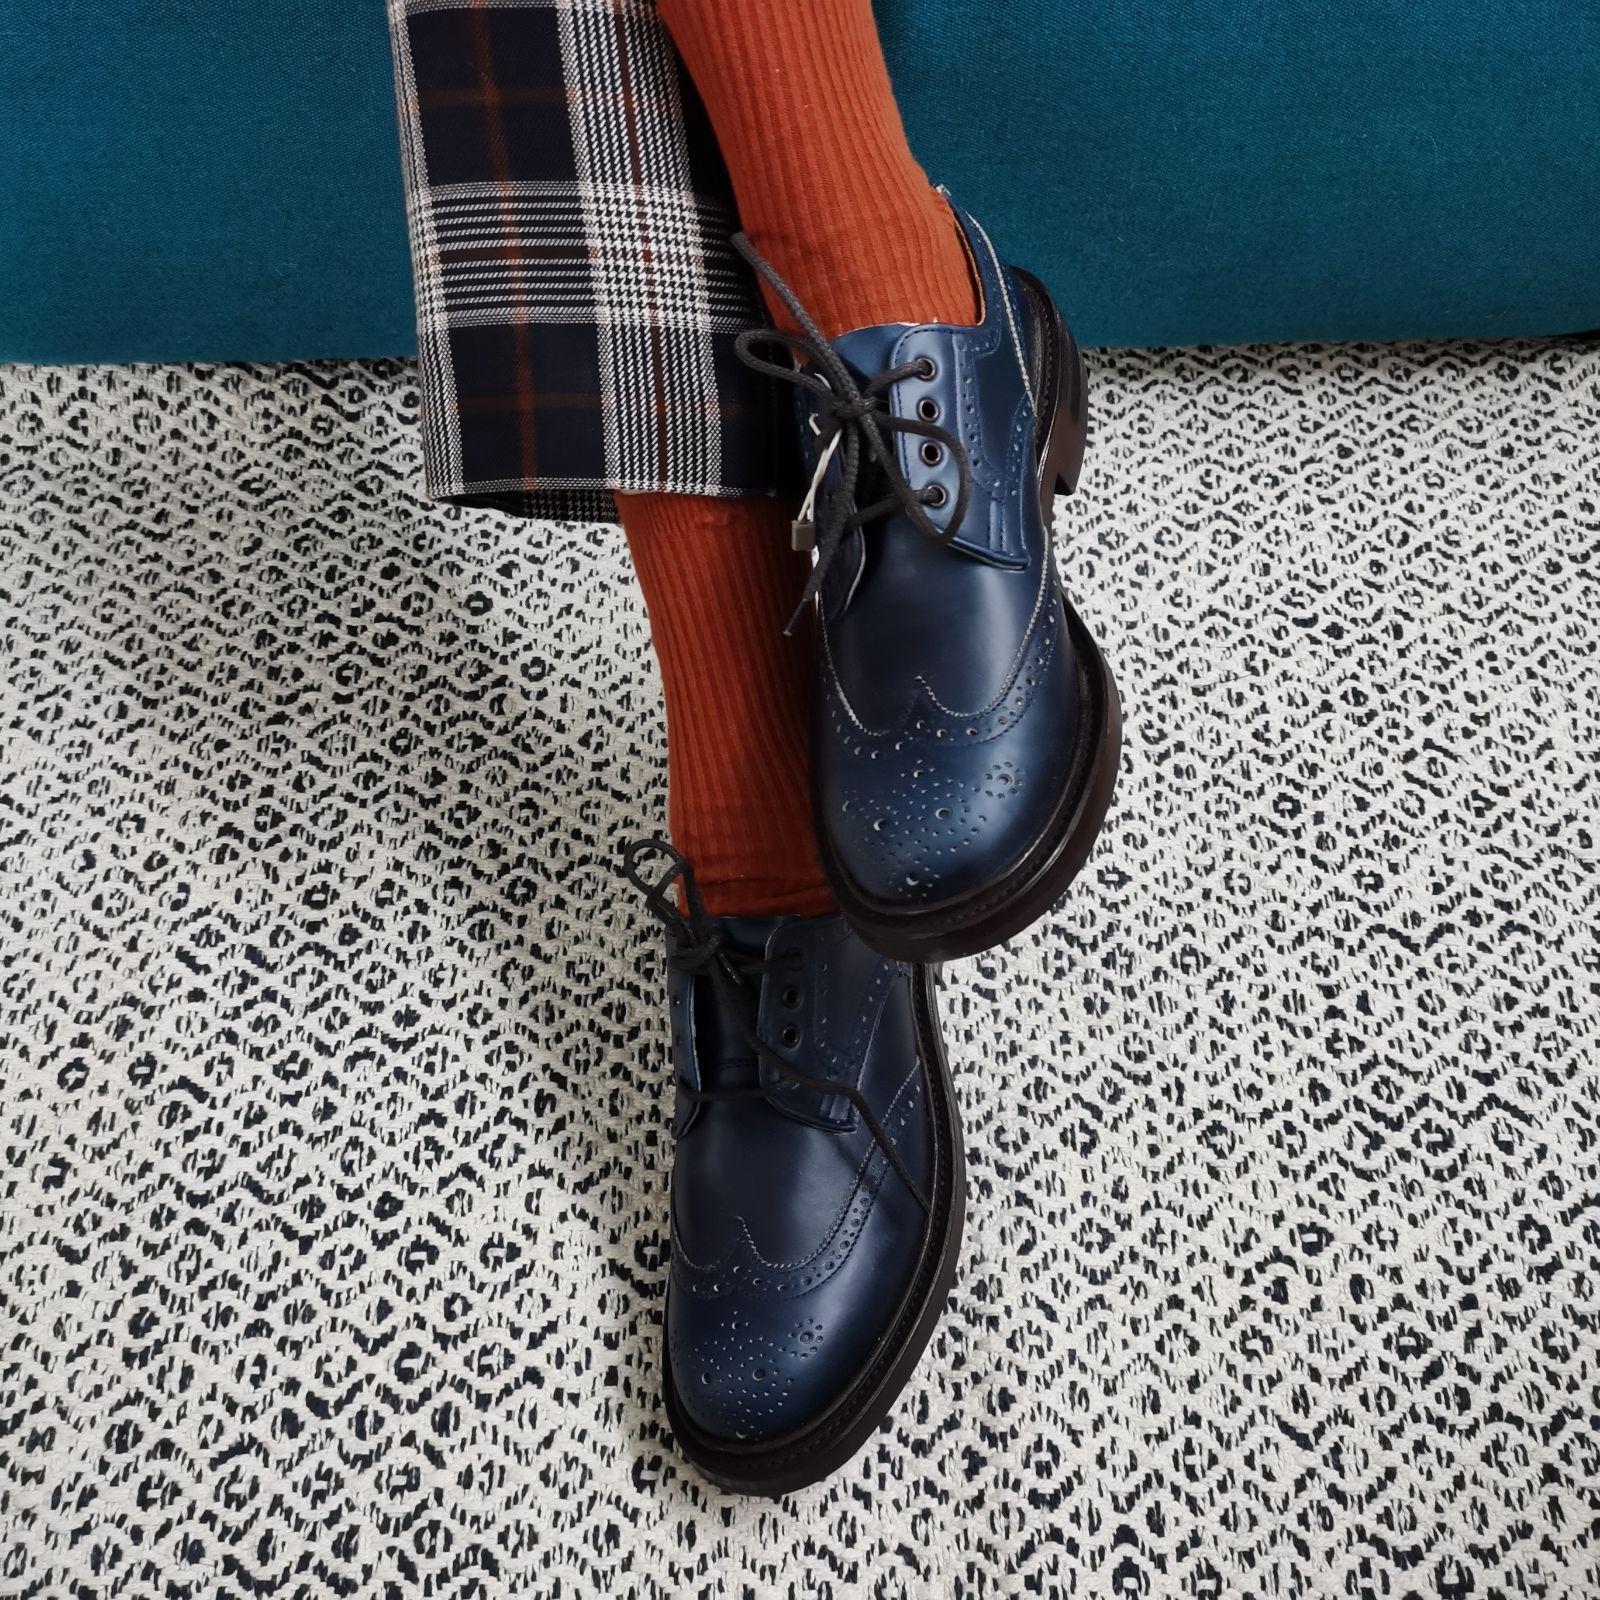 德国采购新品Trickers女布洛克雕花德比鞋圆头低帮厚底中性单皮鞋